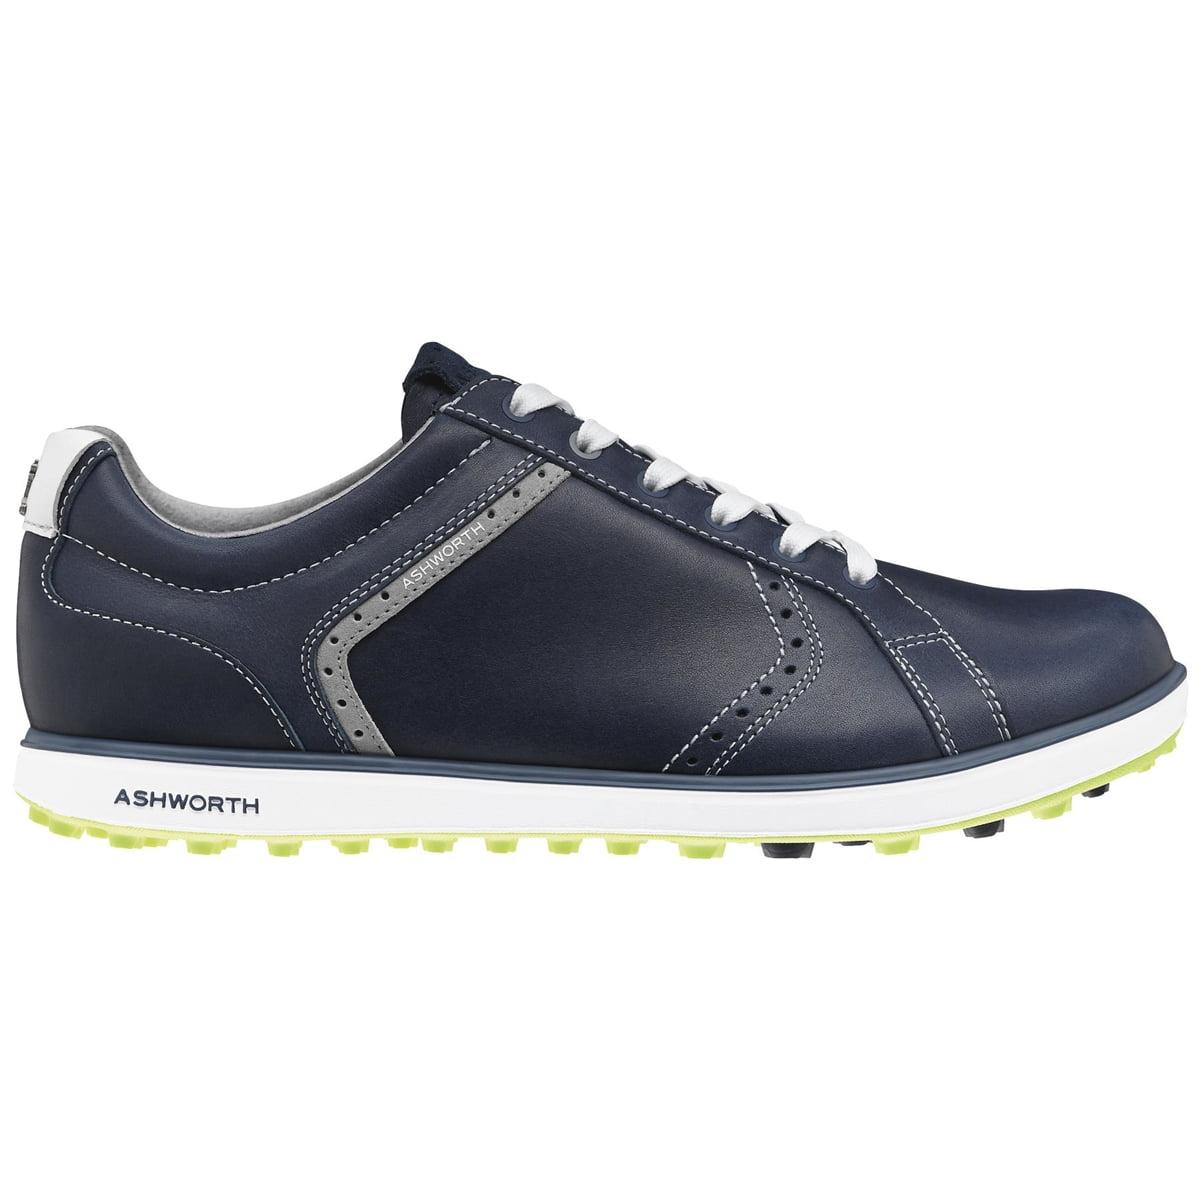 Ashworth Cardiff ADC 2 Golf Shoes